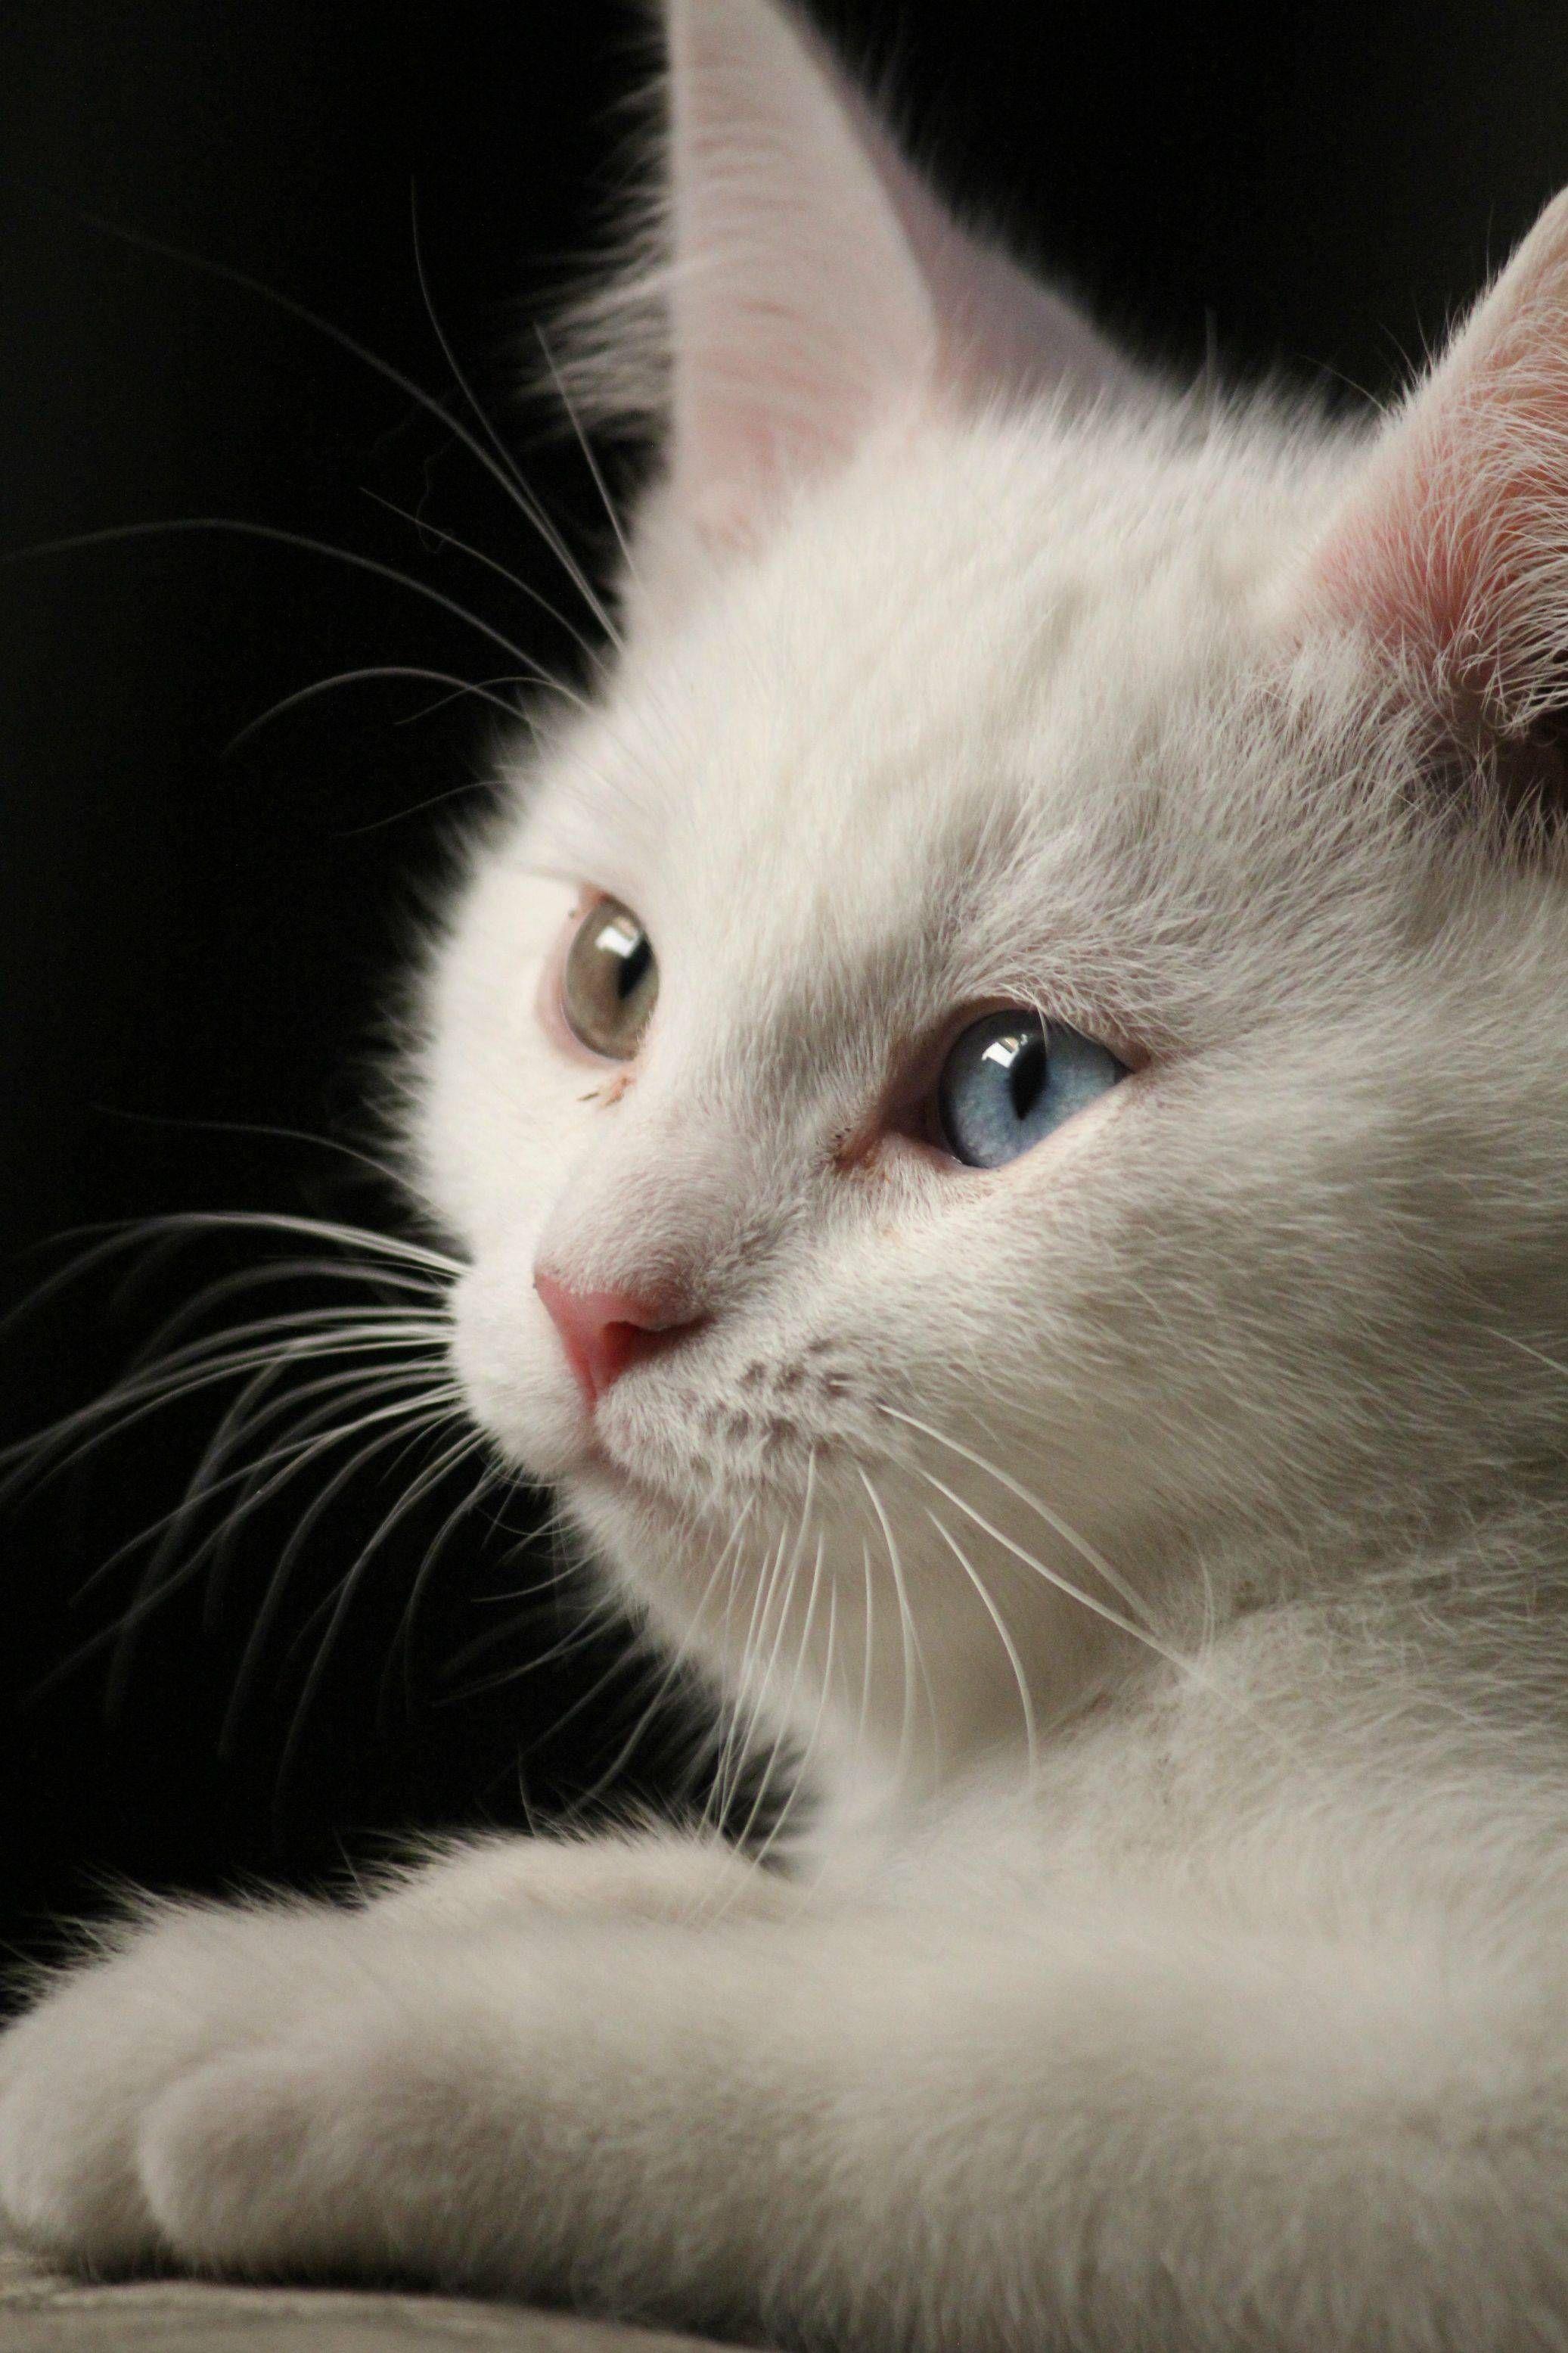 Cat Pictures Free Bilder - Cat Pictures Free Bilder